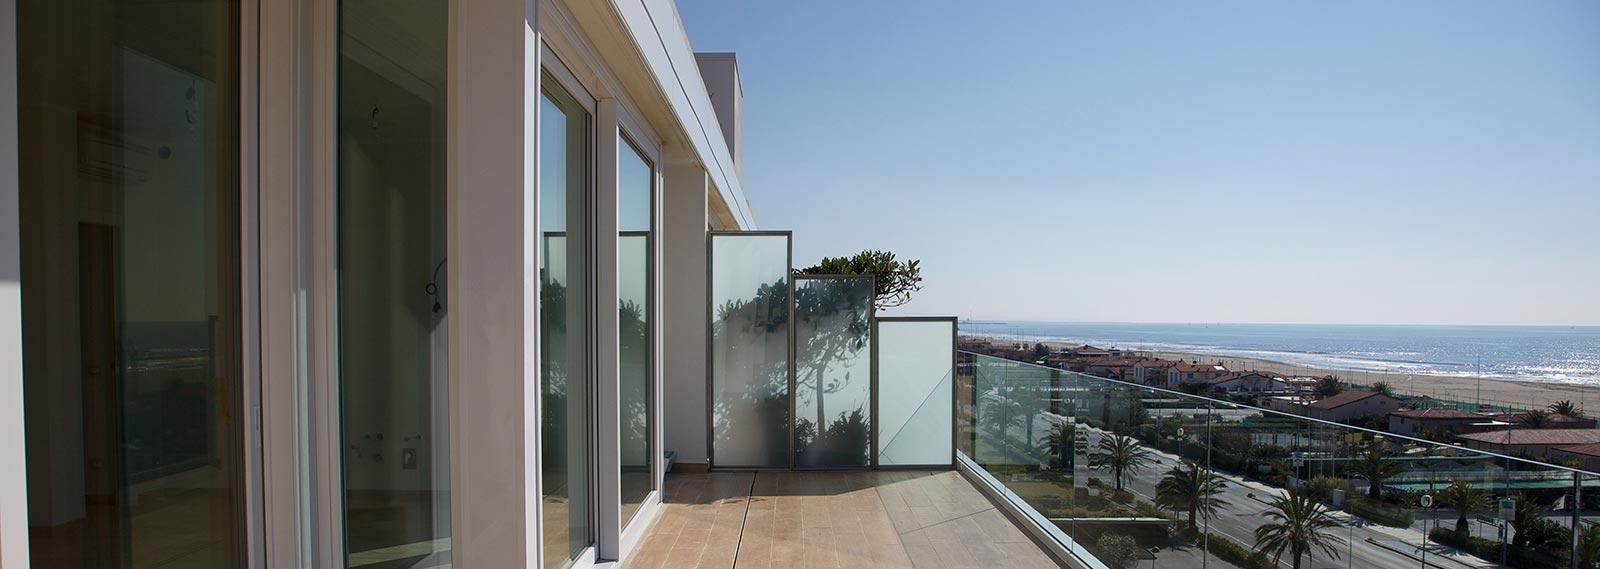 Bagno Con Vista Mare Architettura Design : Panoramic appartamenti lusso lido di camaiore